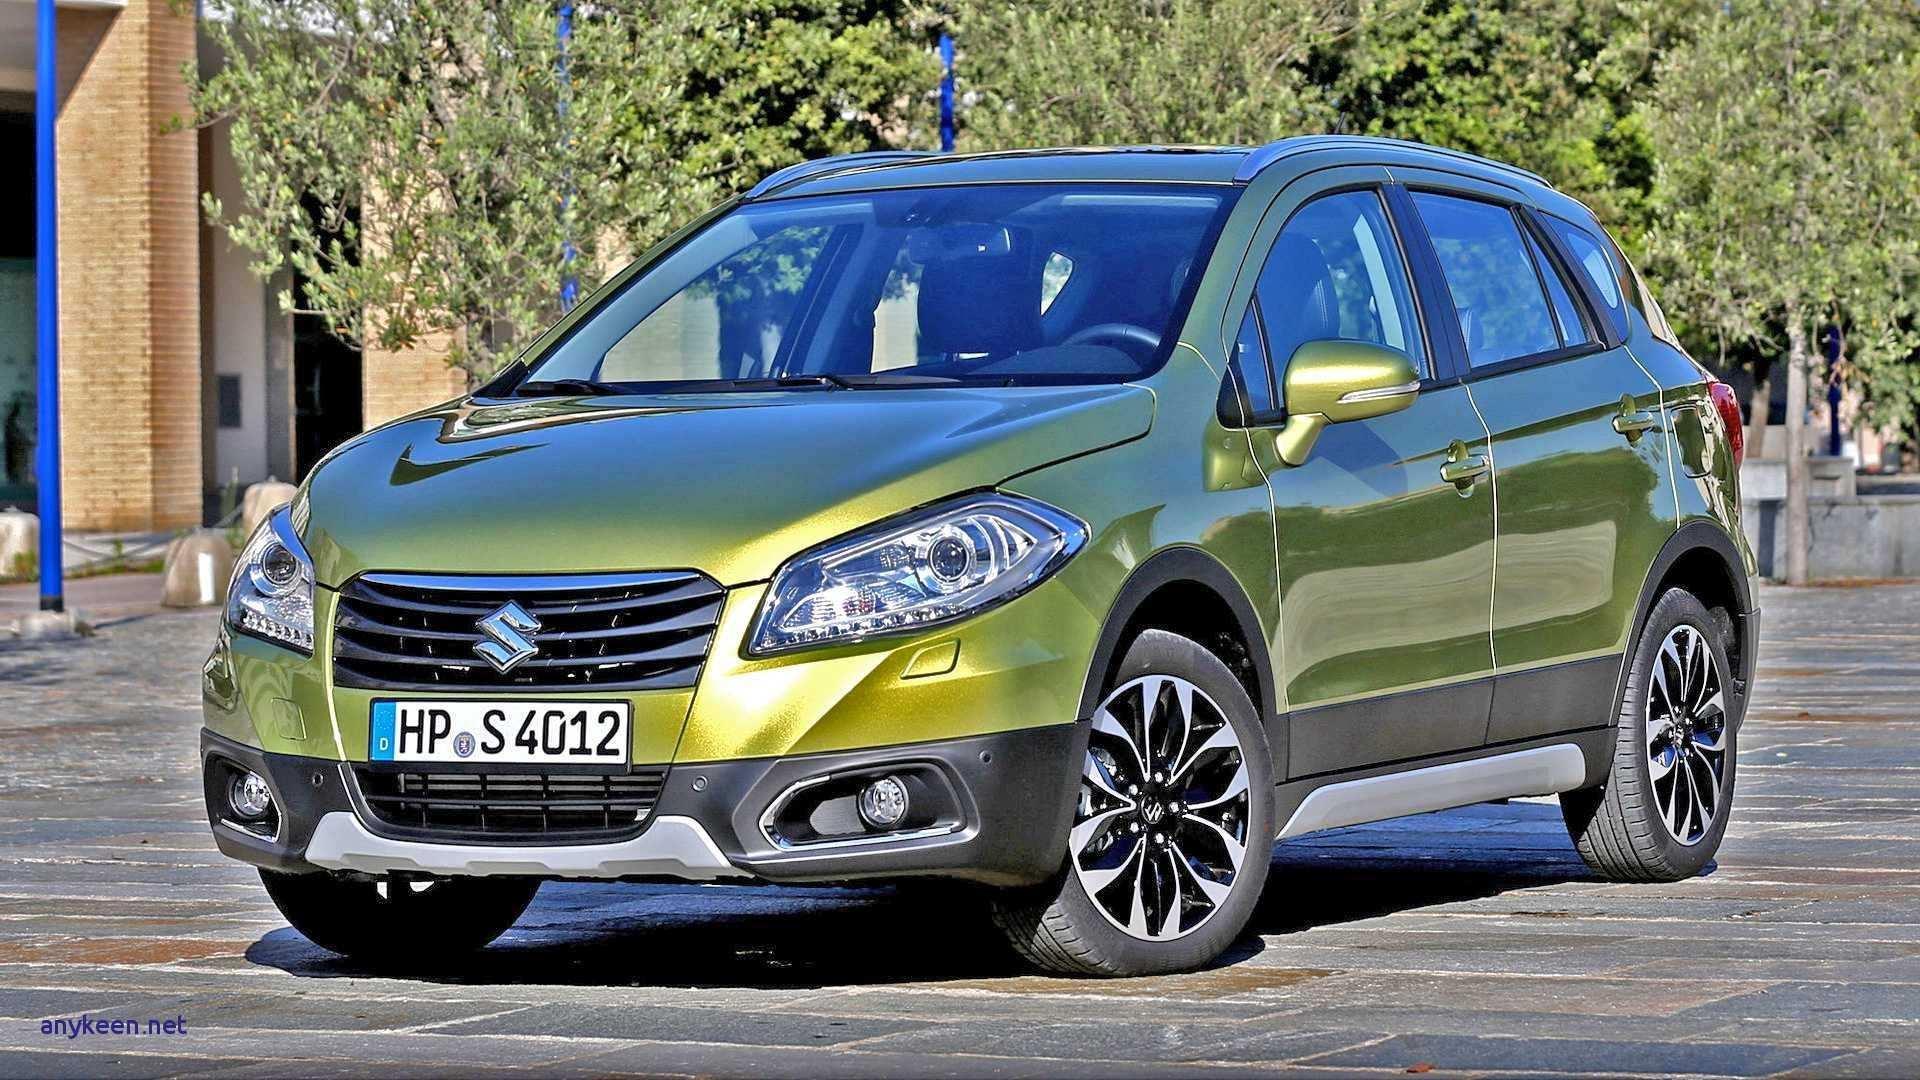 59 New 2019 Suzuki Sx4 Rumors for 2019 Suzuki Sx4